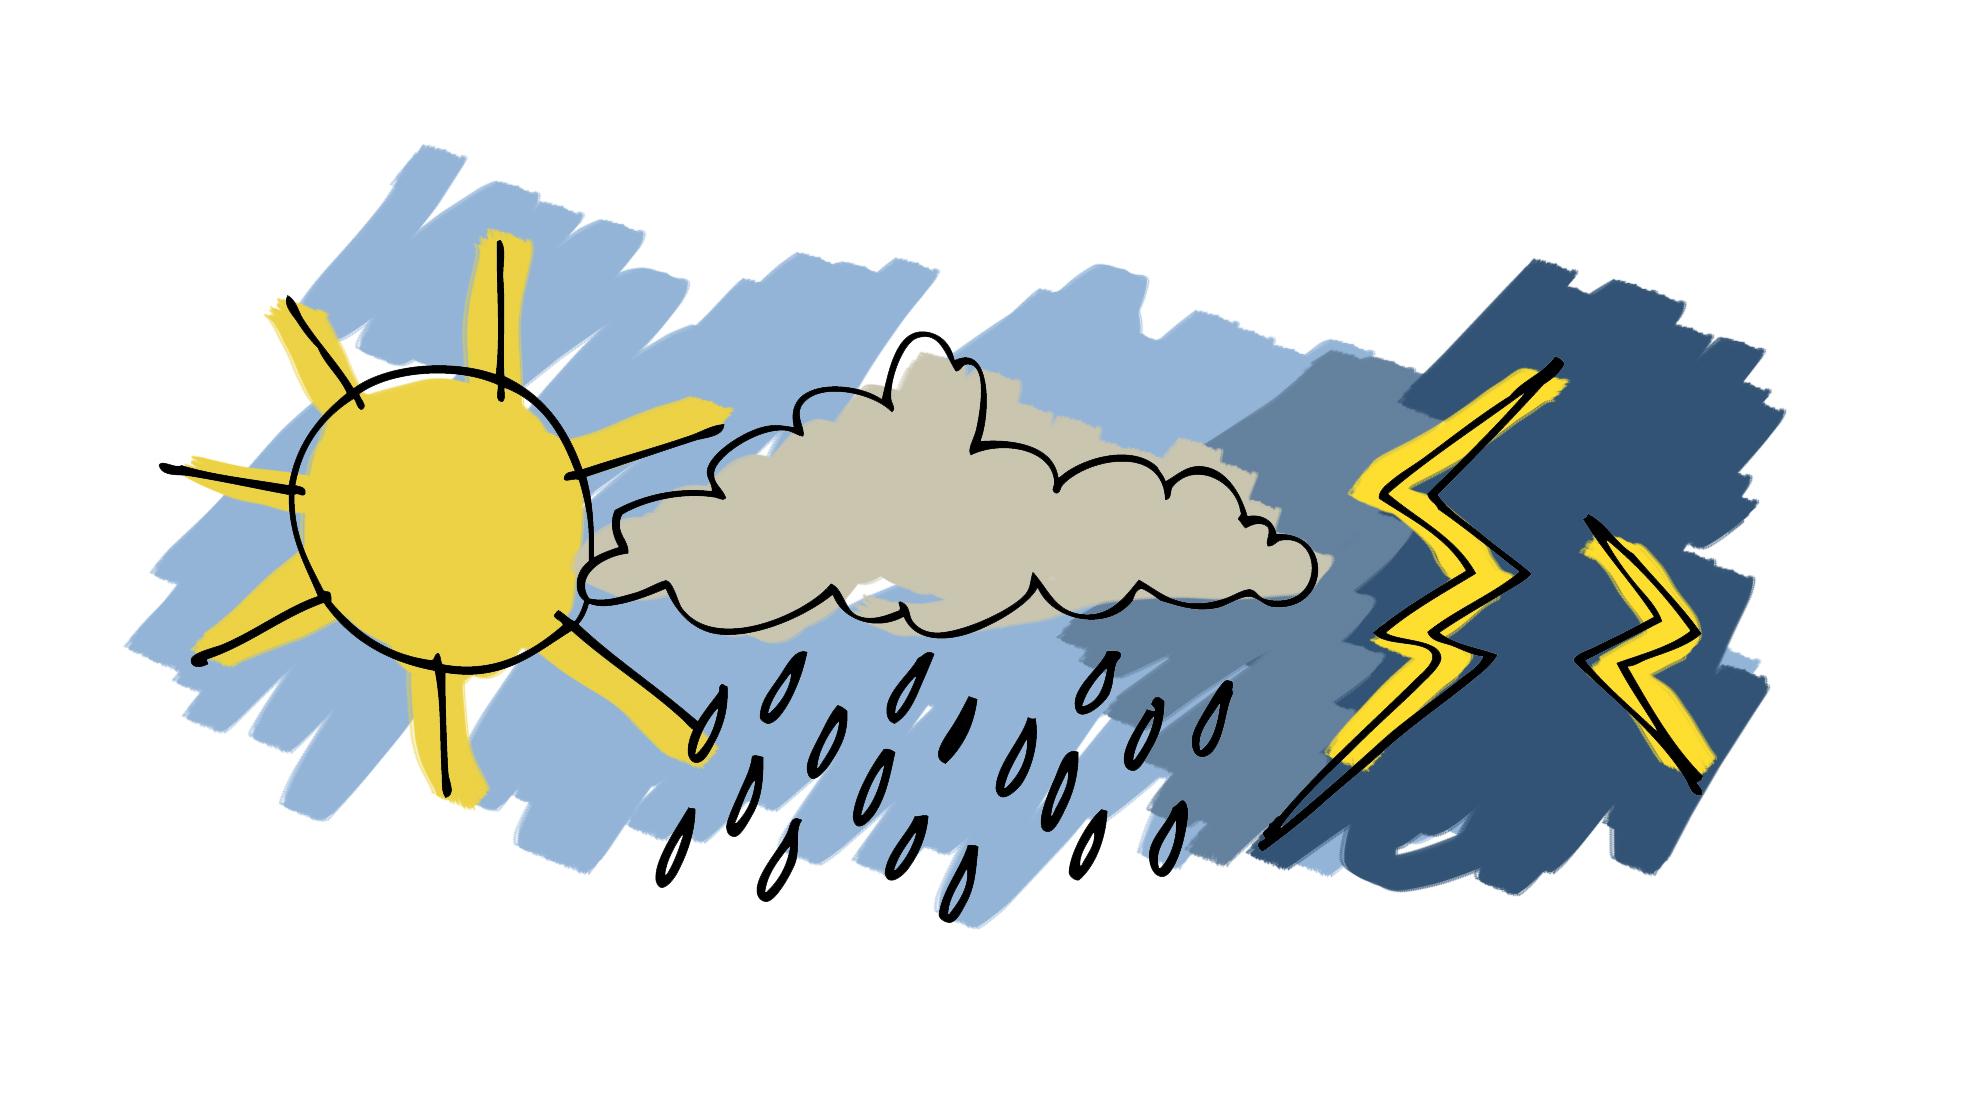 توقعات أحوال الطقس ليوم غد الأحد 1 مارس 2015